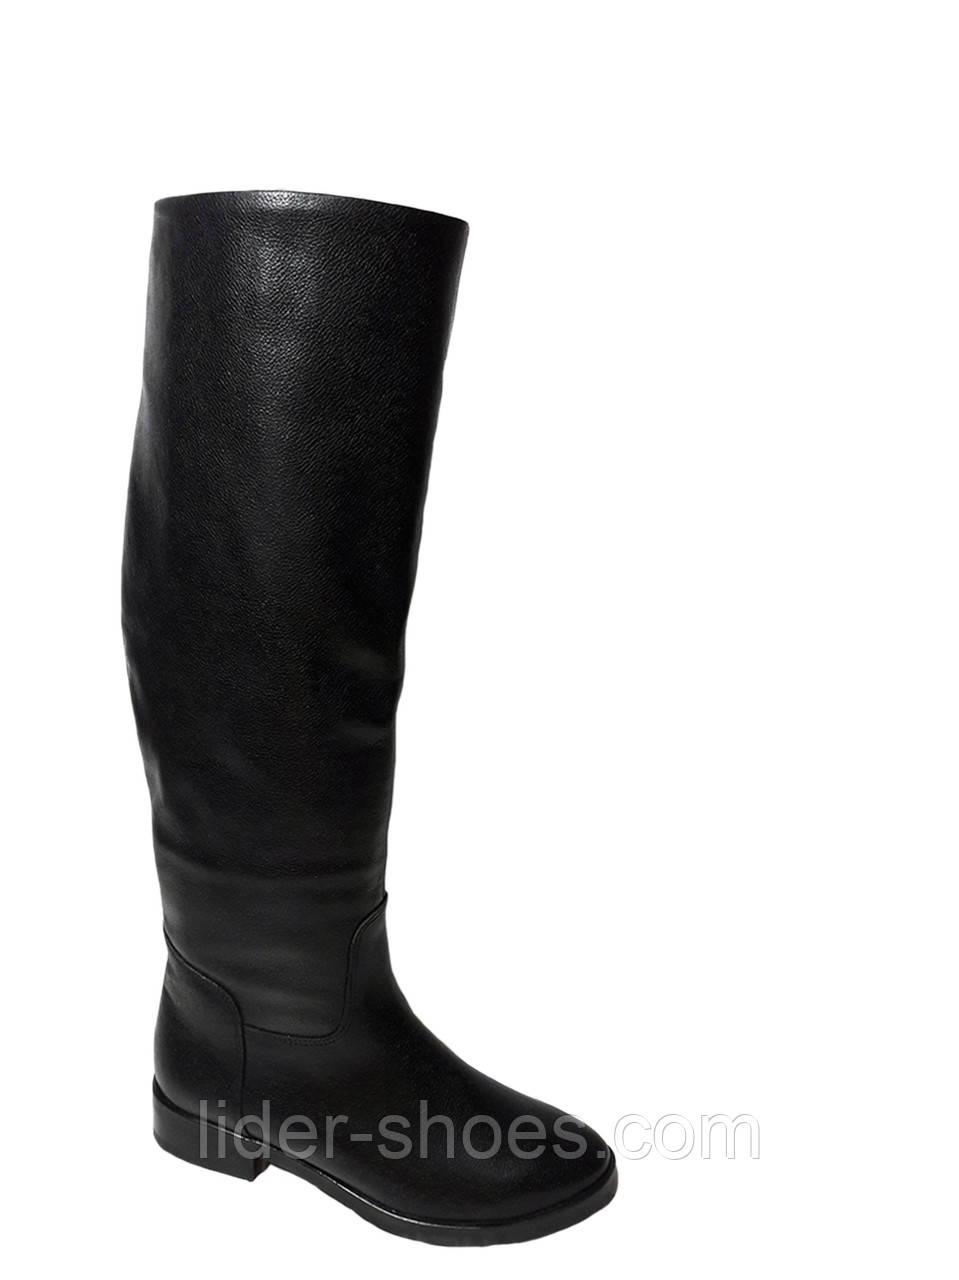 Женские зимние сапоги на низком каблуке черные